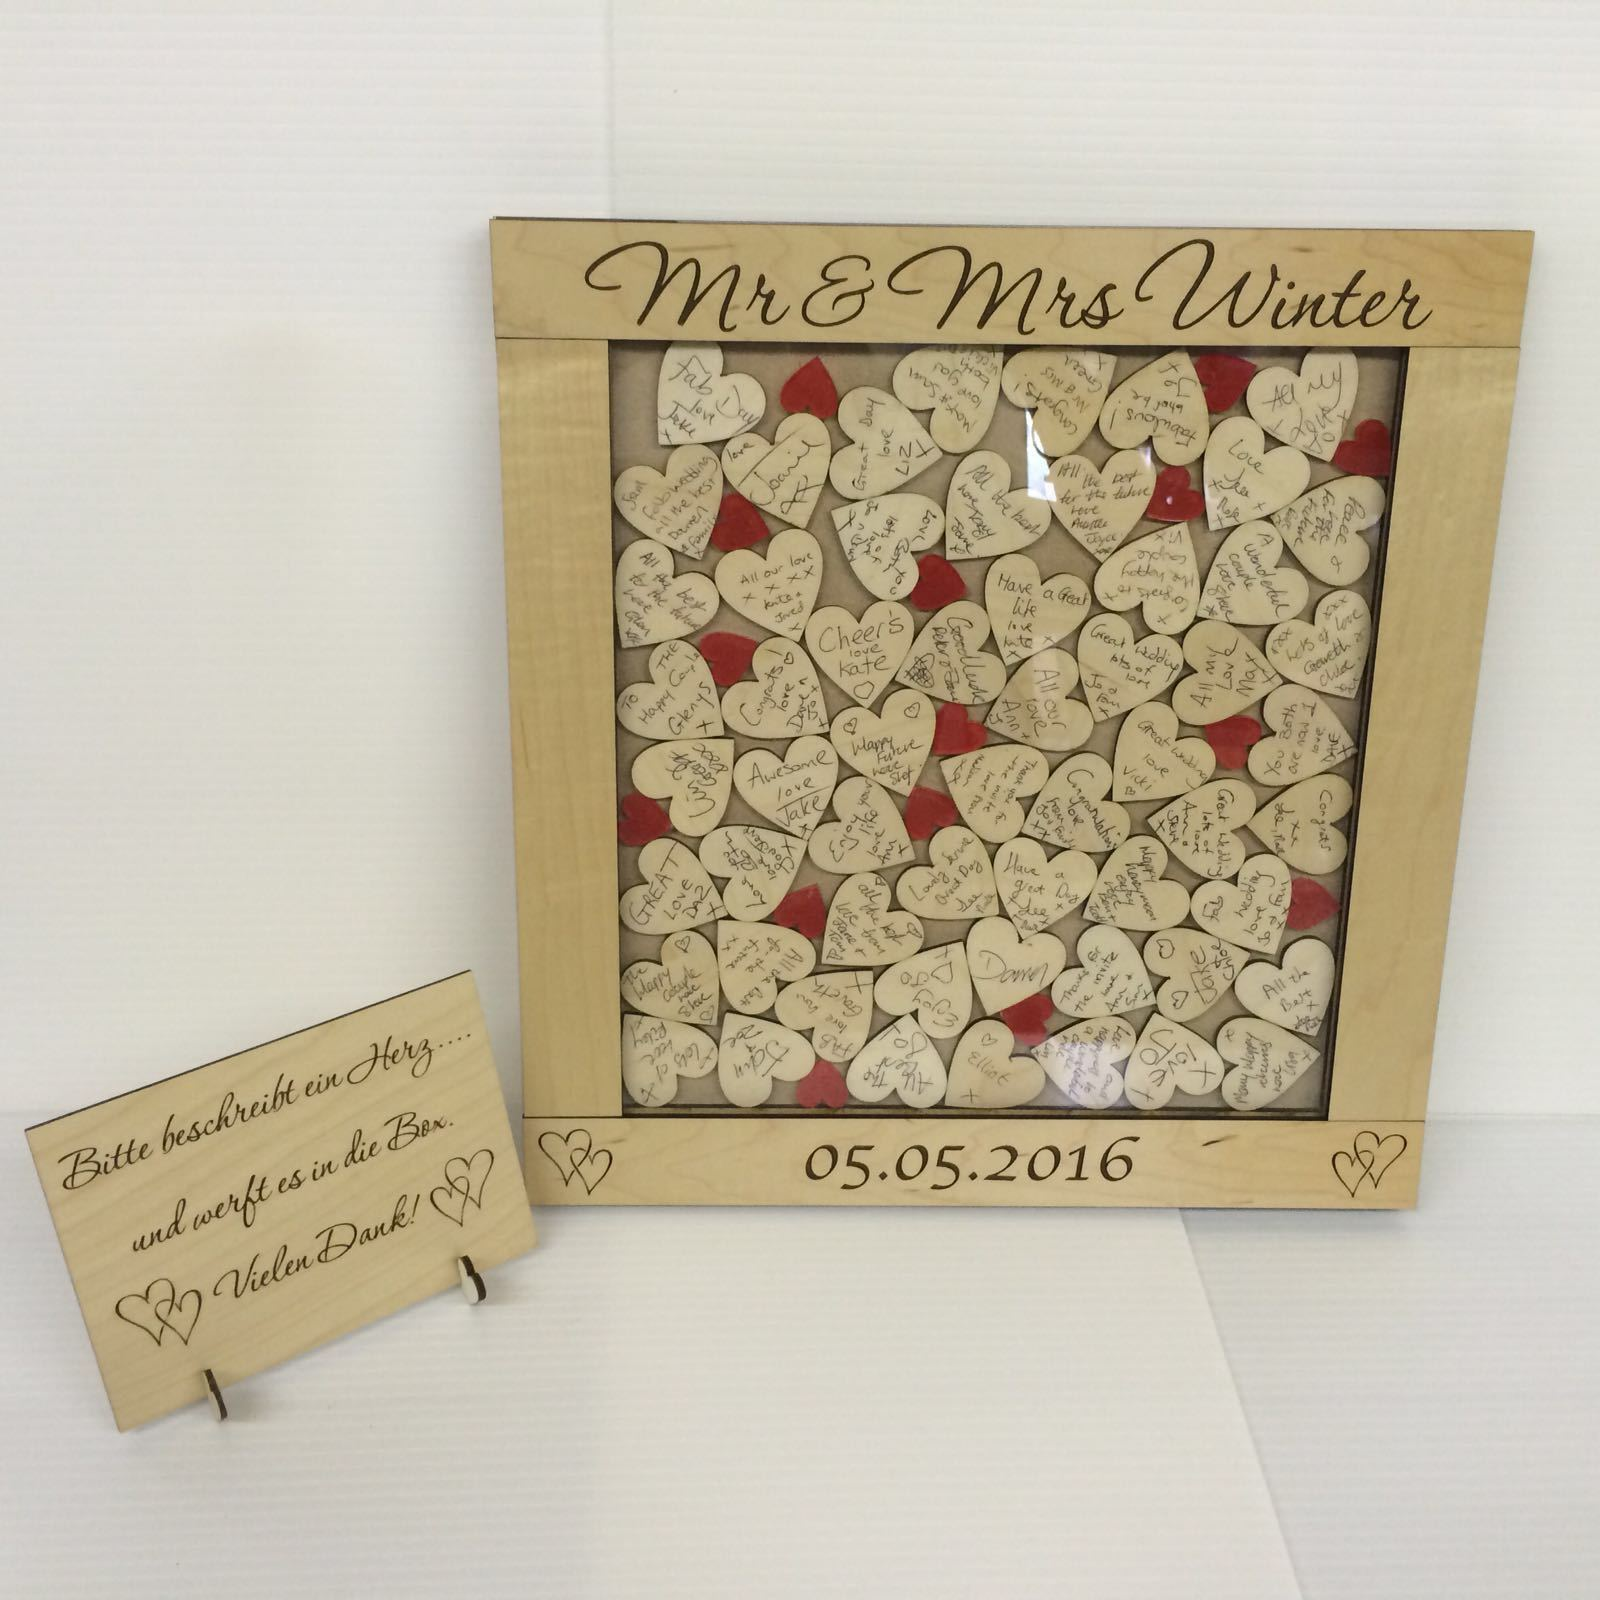 Personnalisé Maplewood De Luxe Maplewood Personnalisé Rouge Boîte De Dépôt De Mariage Livre d'or 56 coeurs cadeau 419c6d